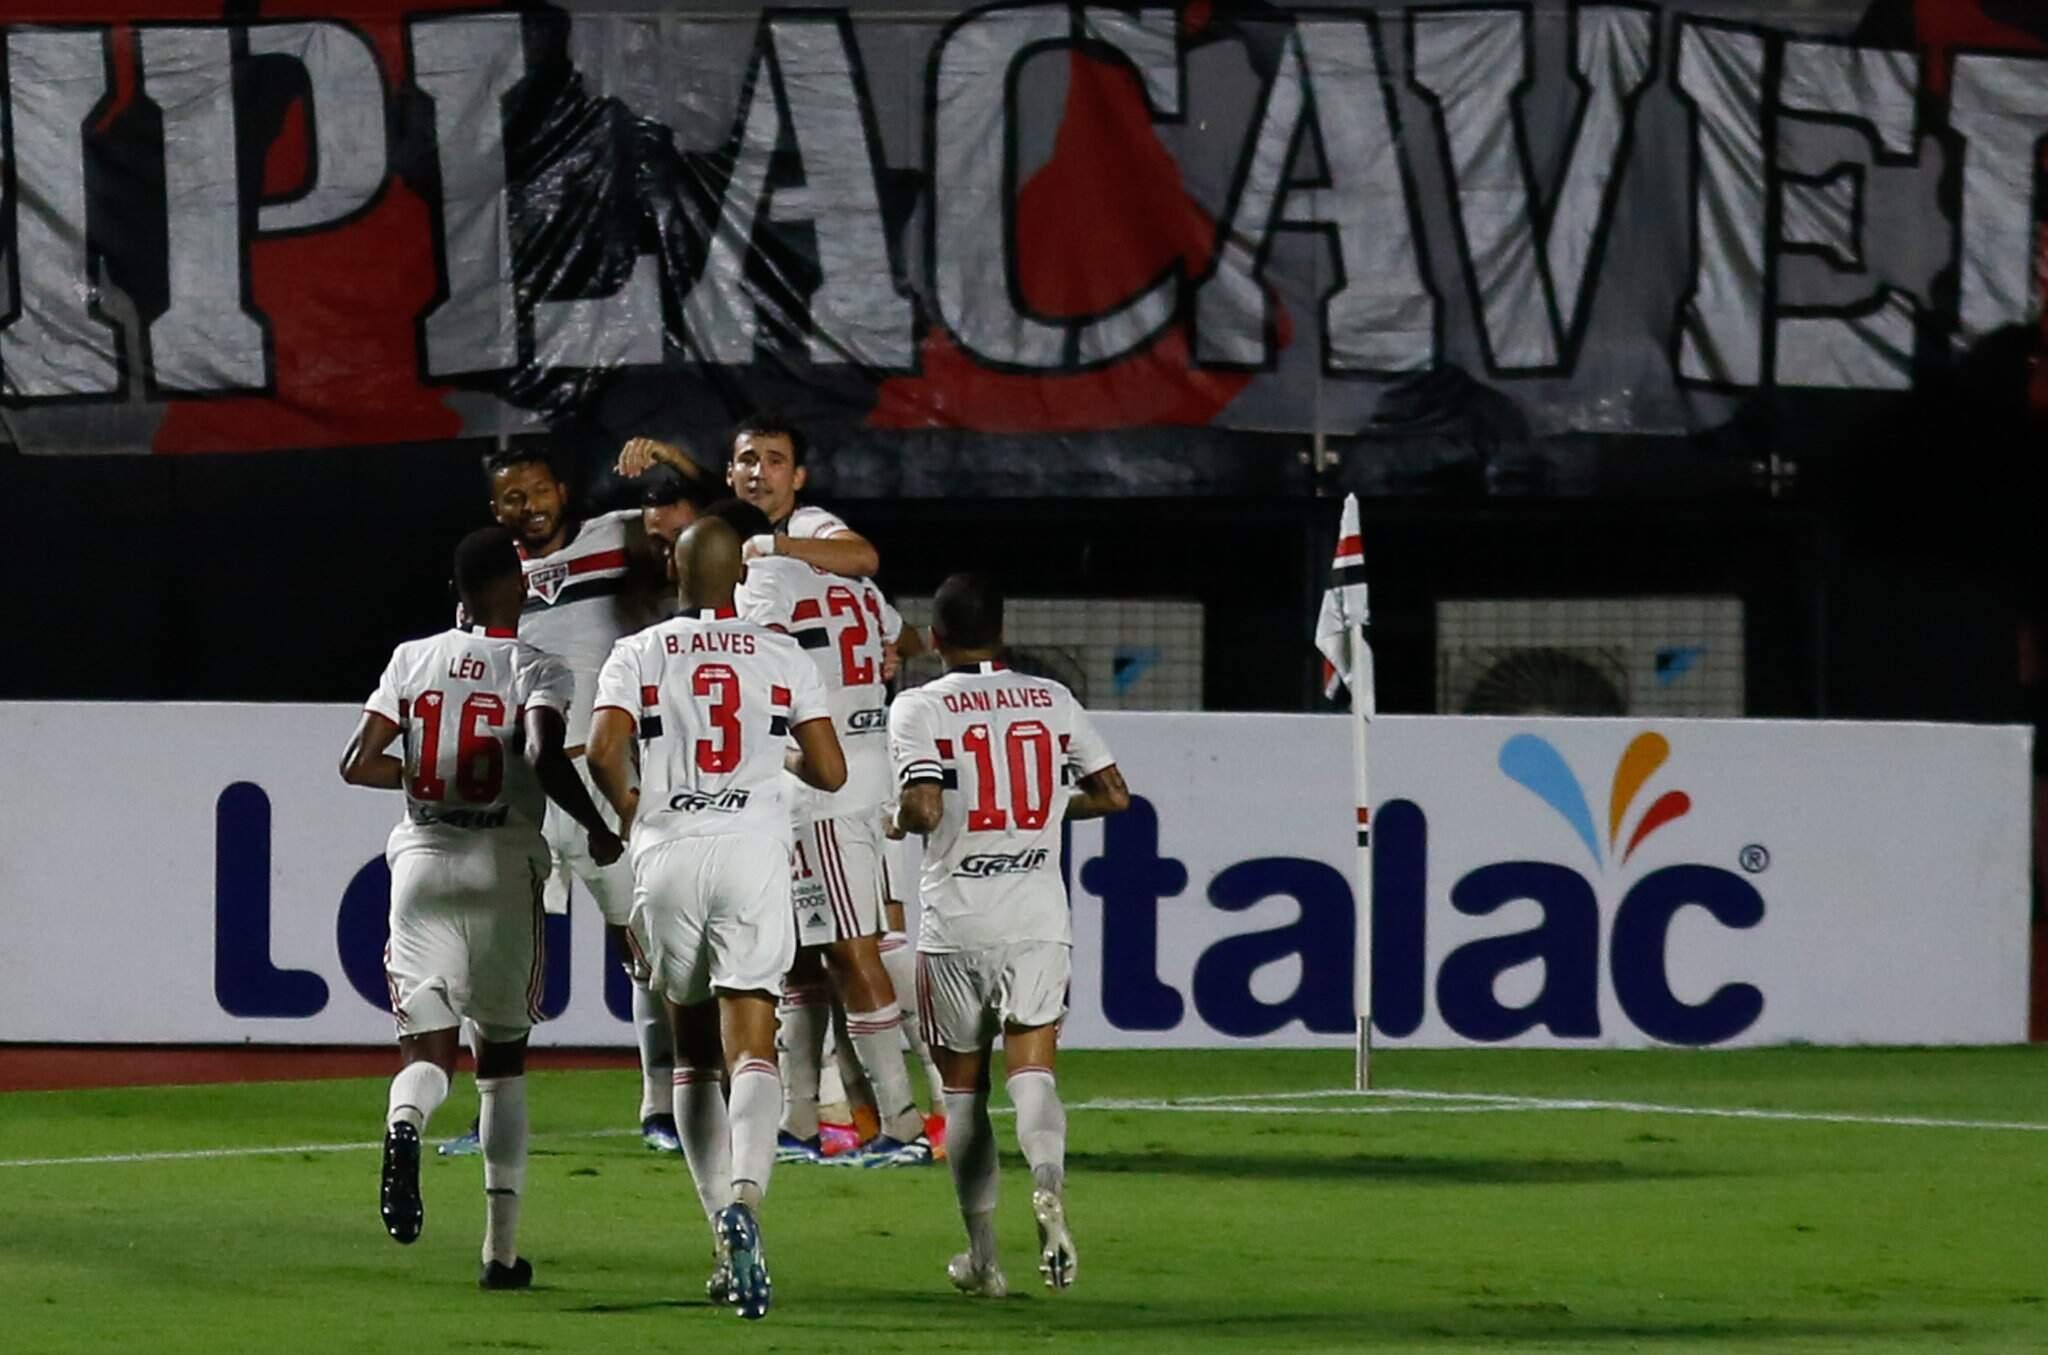 jogadores do São Paulo comemoram gol durante partida entre São Paulo x Santos válida pela terceira rodada do Campeonato Paulista 2021 no estádio Cicero Pompeu de Toledo (Morumbi),São Paulo. (Foto: Estadão Conteúdo)